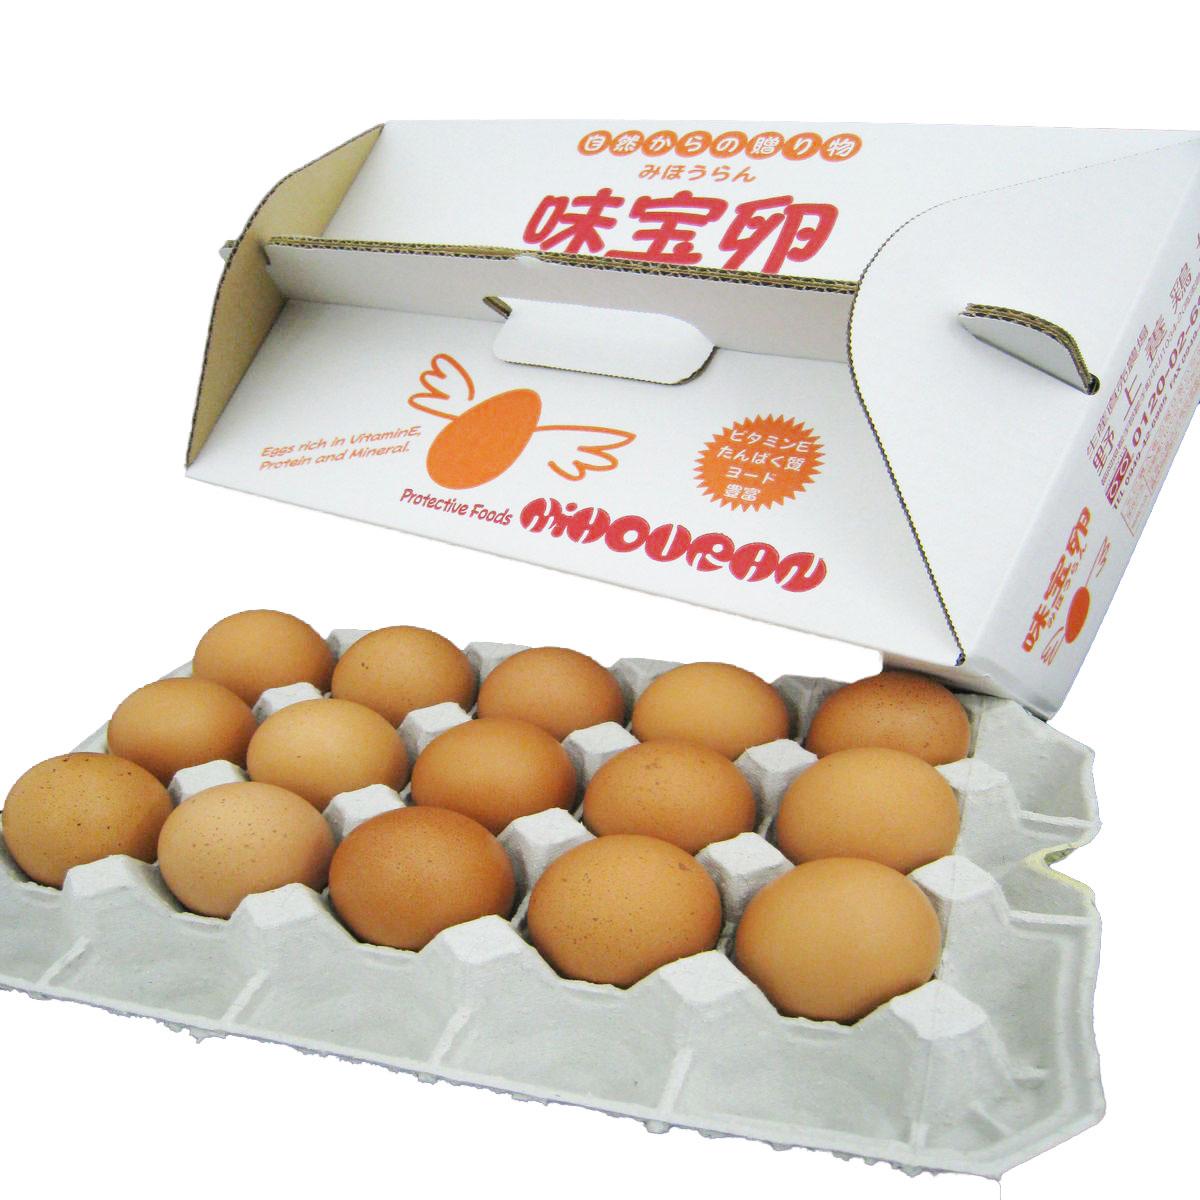 九州福岡県産 新鮮たまご お取り寄せ こだわり 30個入り 九州 人気ブレゼント! 自然 サービス 味宝卵